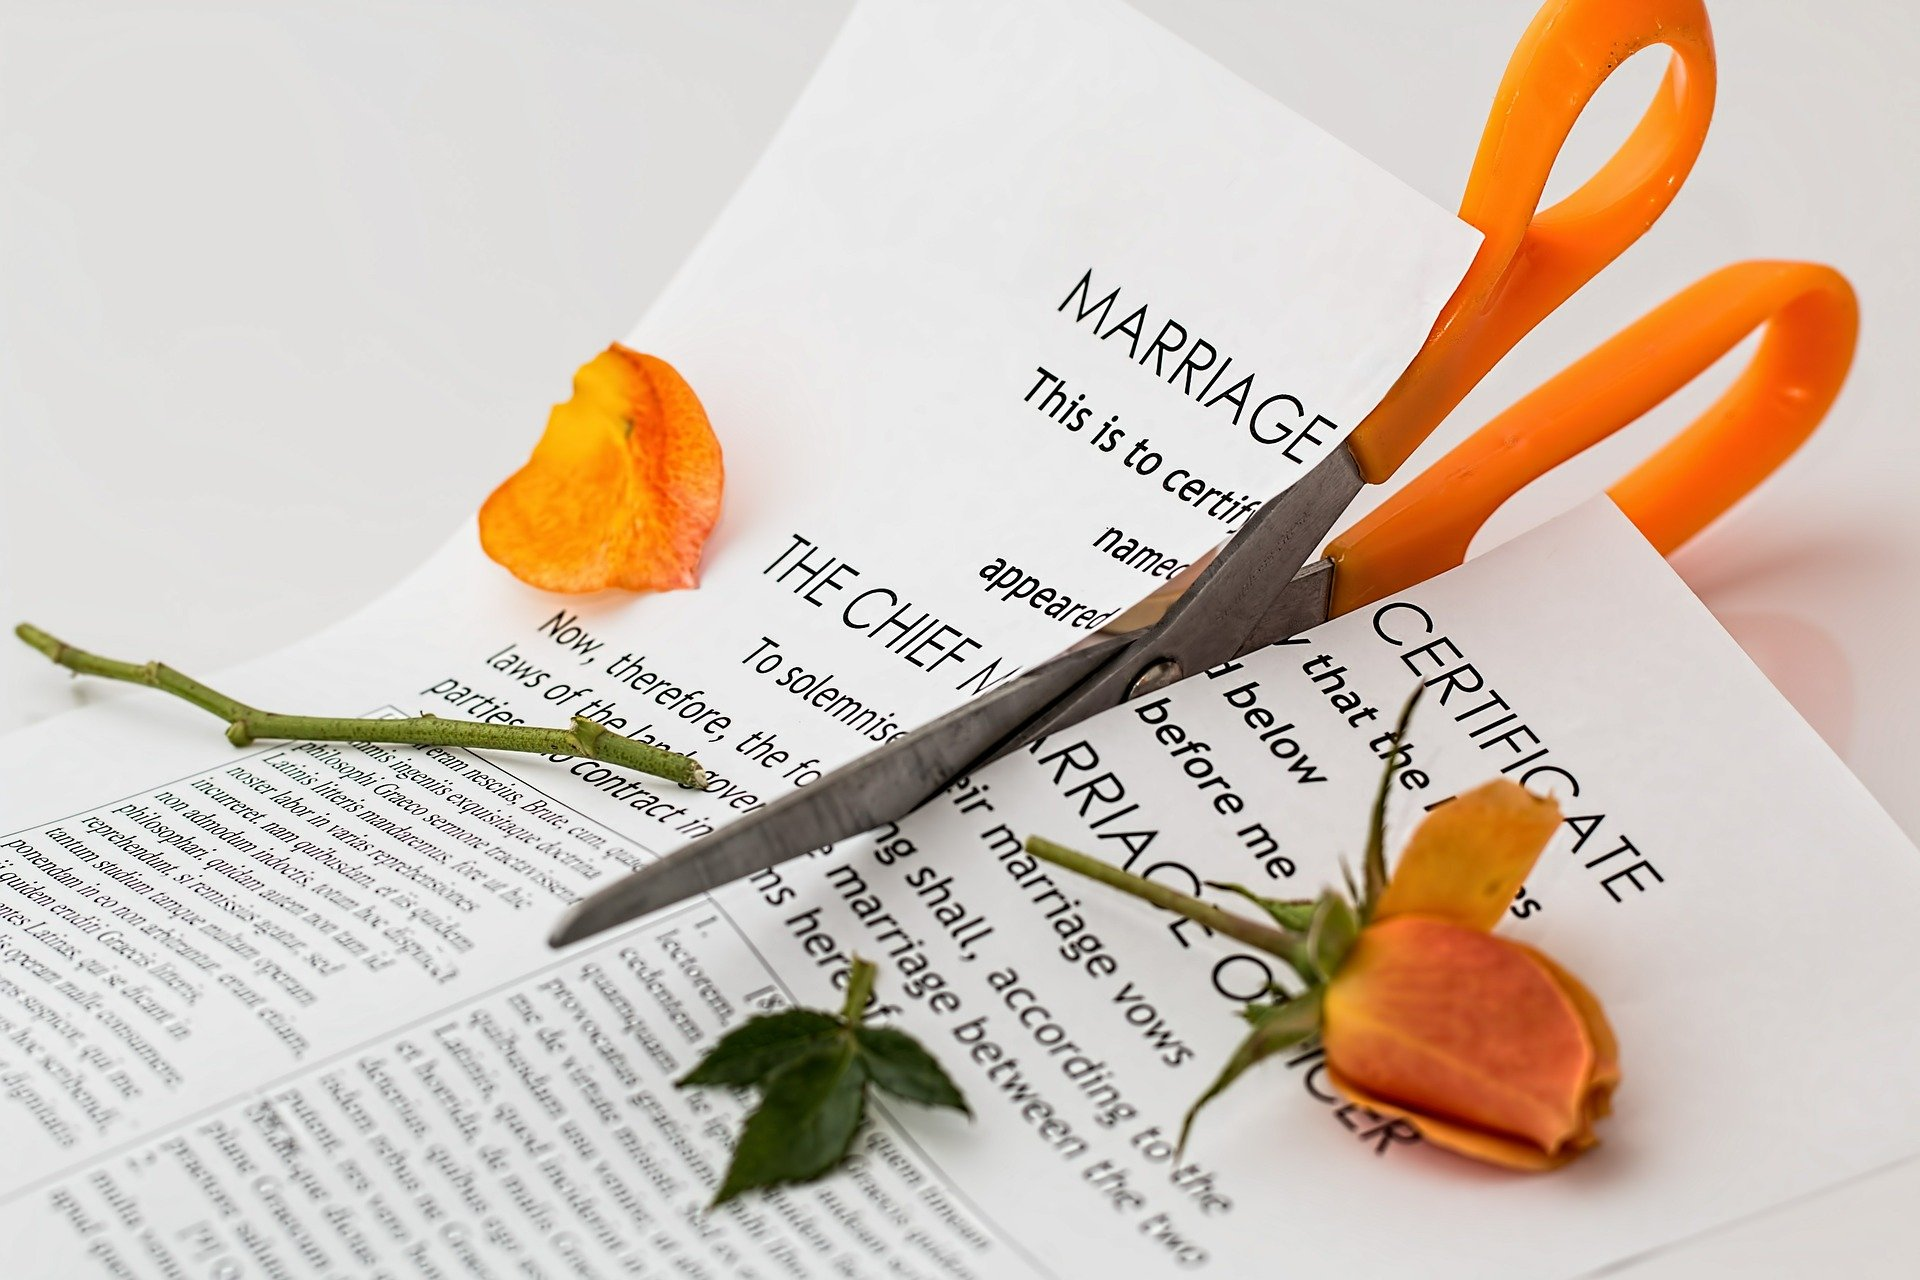 חוות דעת בנושא איזון משאבים עקב גירושין